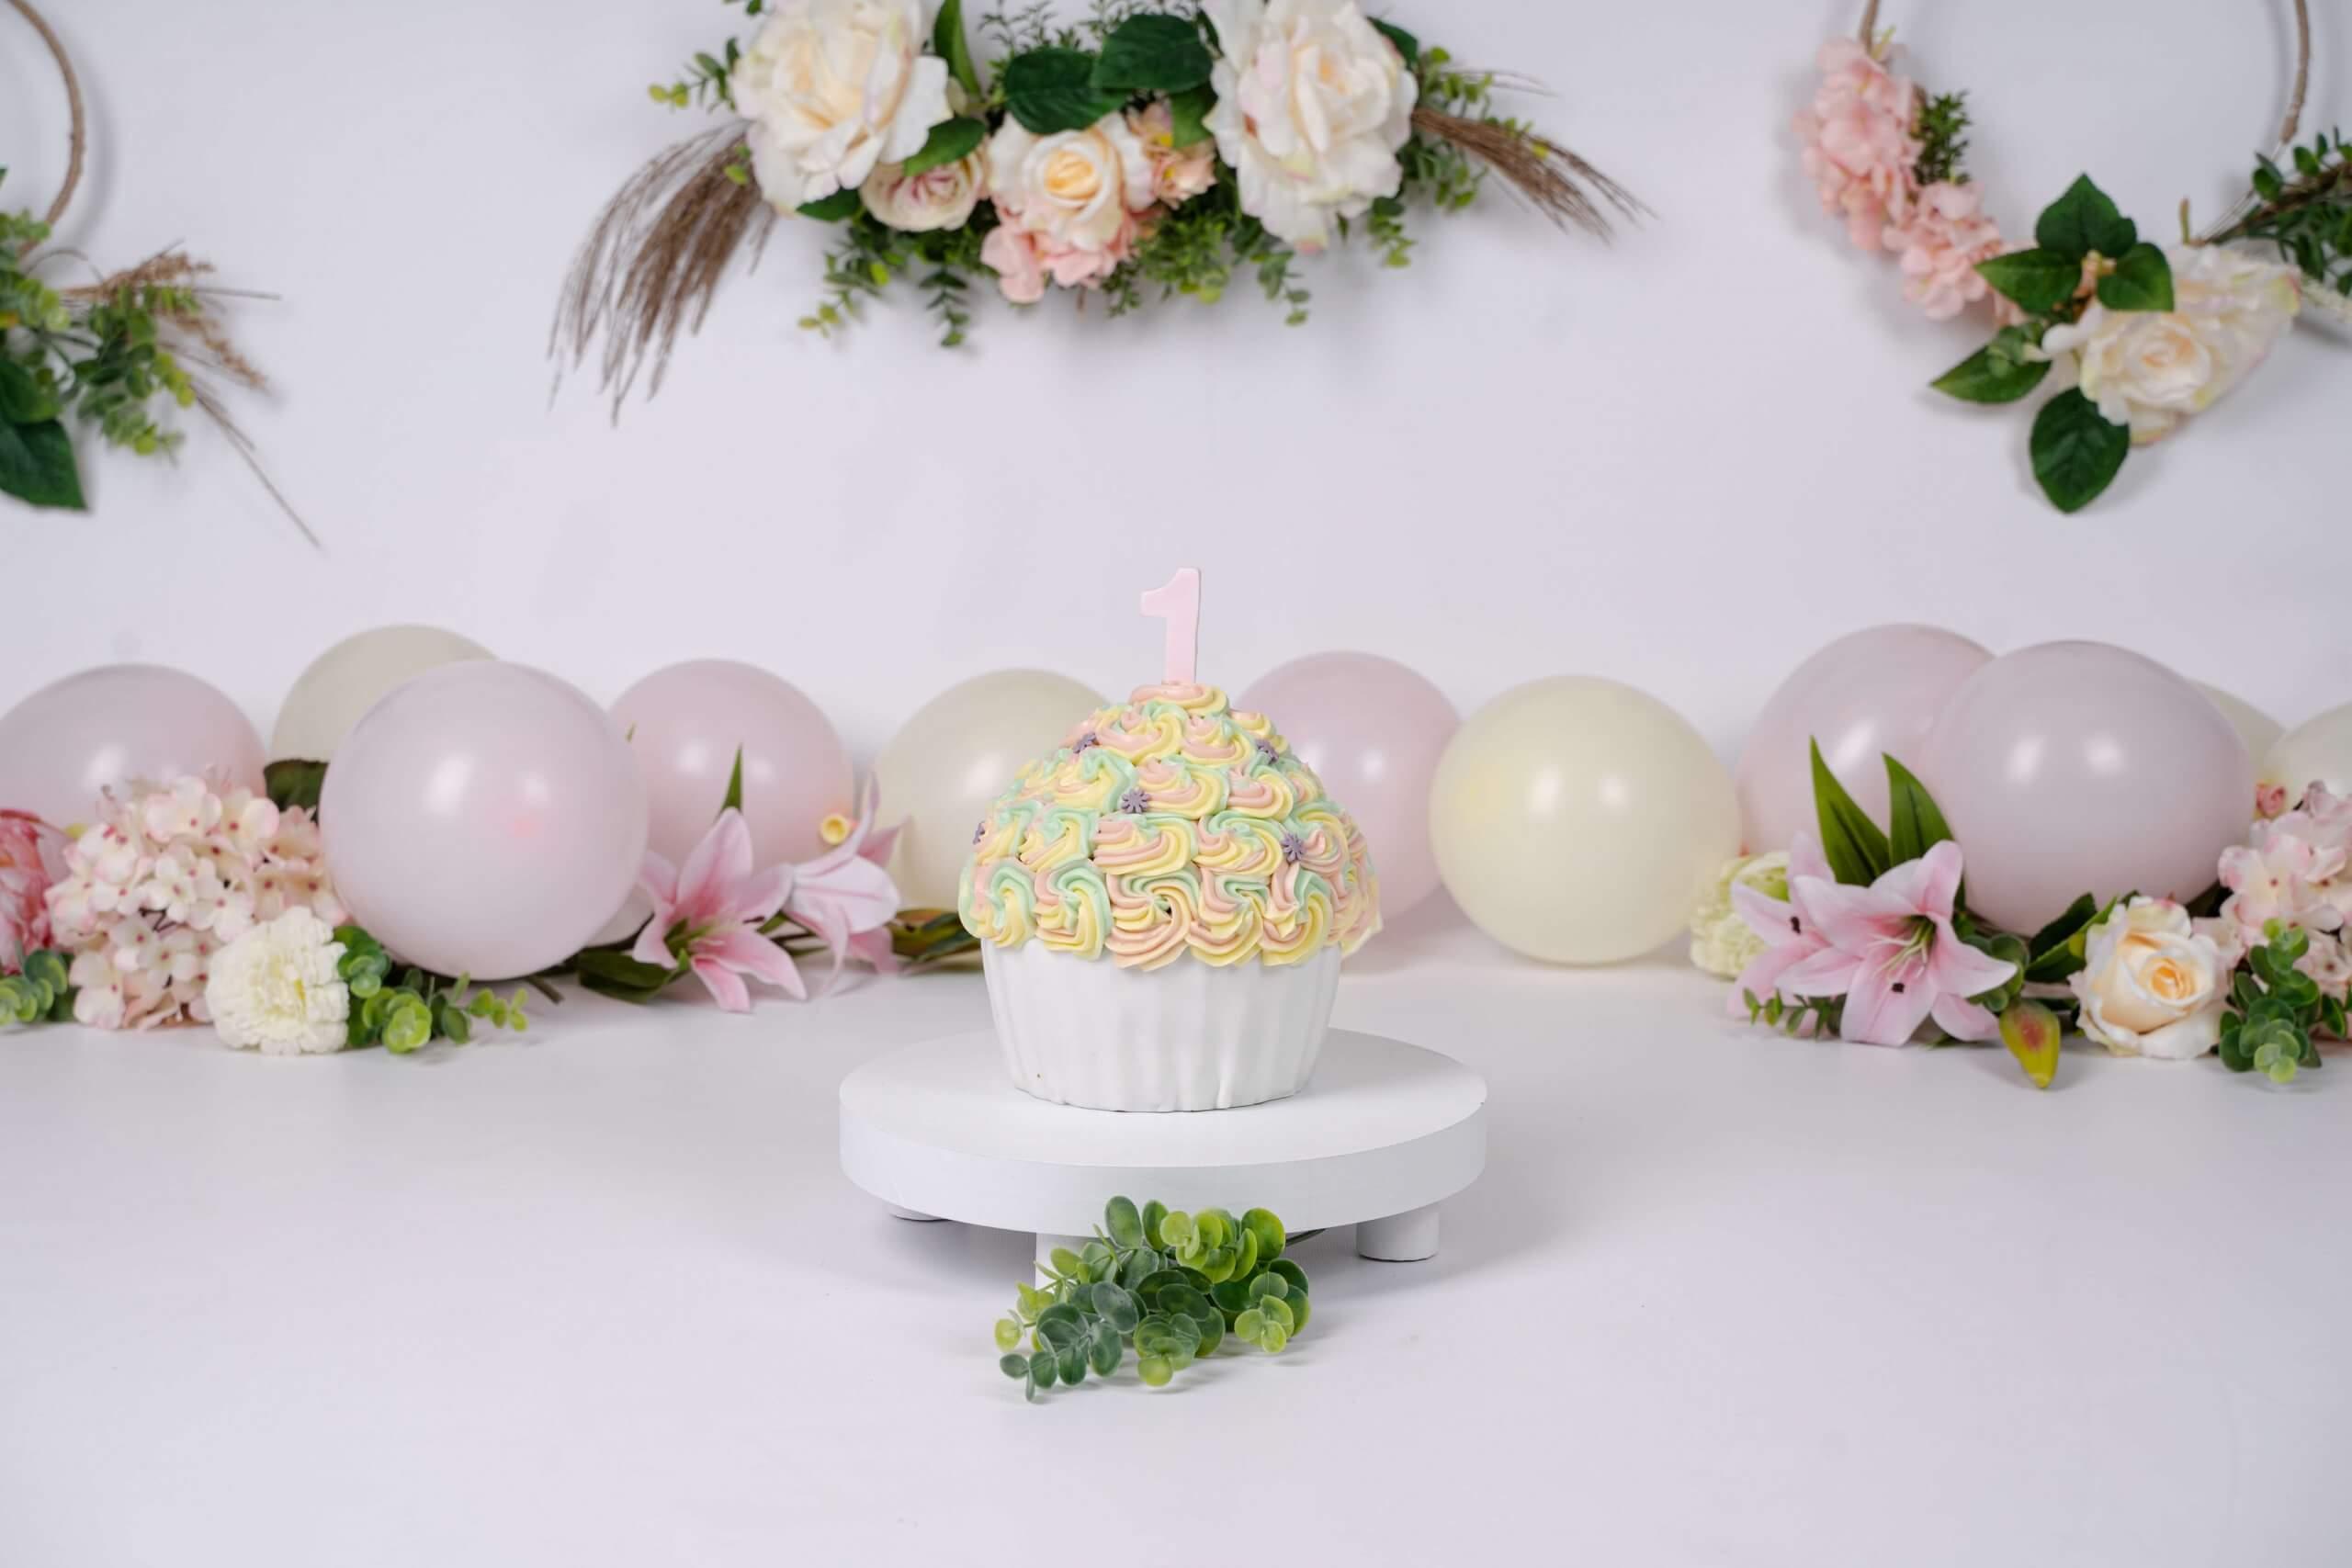 Cake smash sitter feest roze unicorn girl rozen boho (1 van 1)